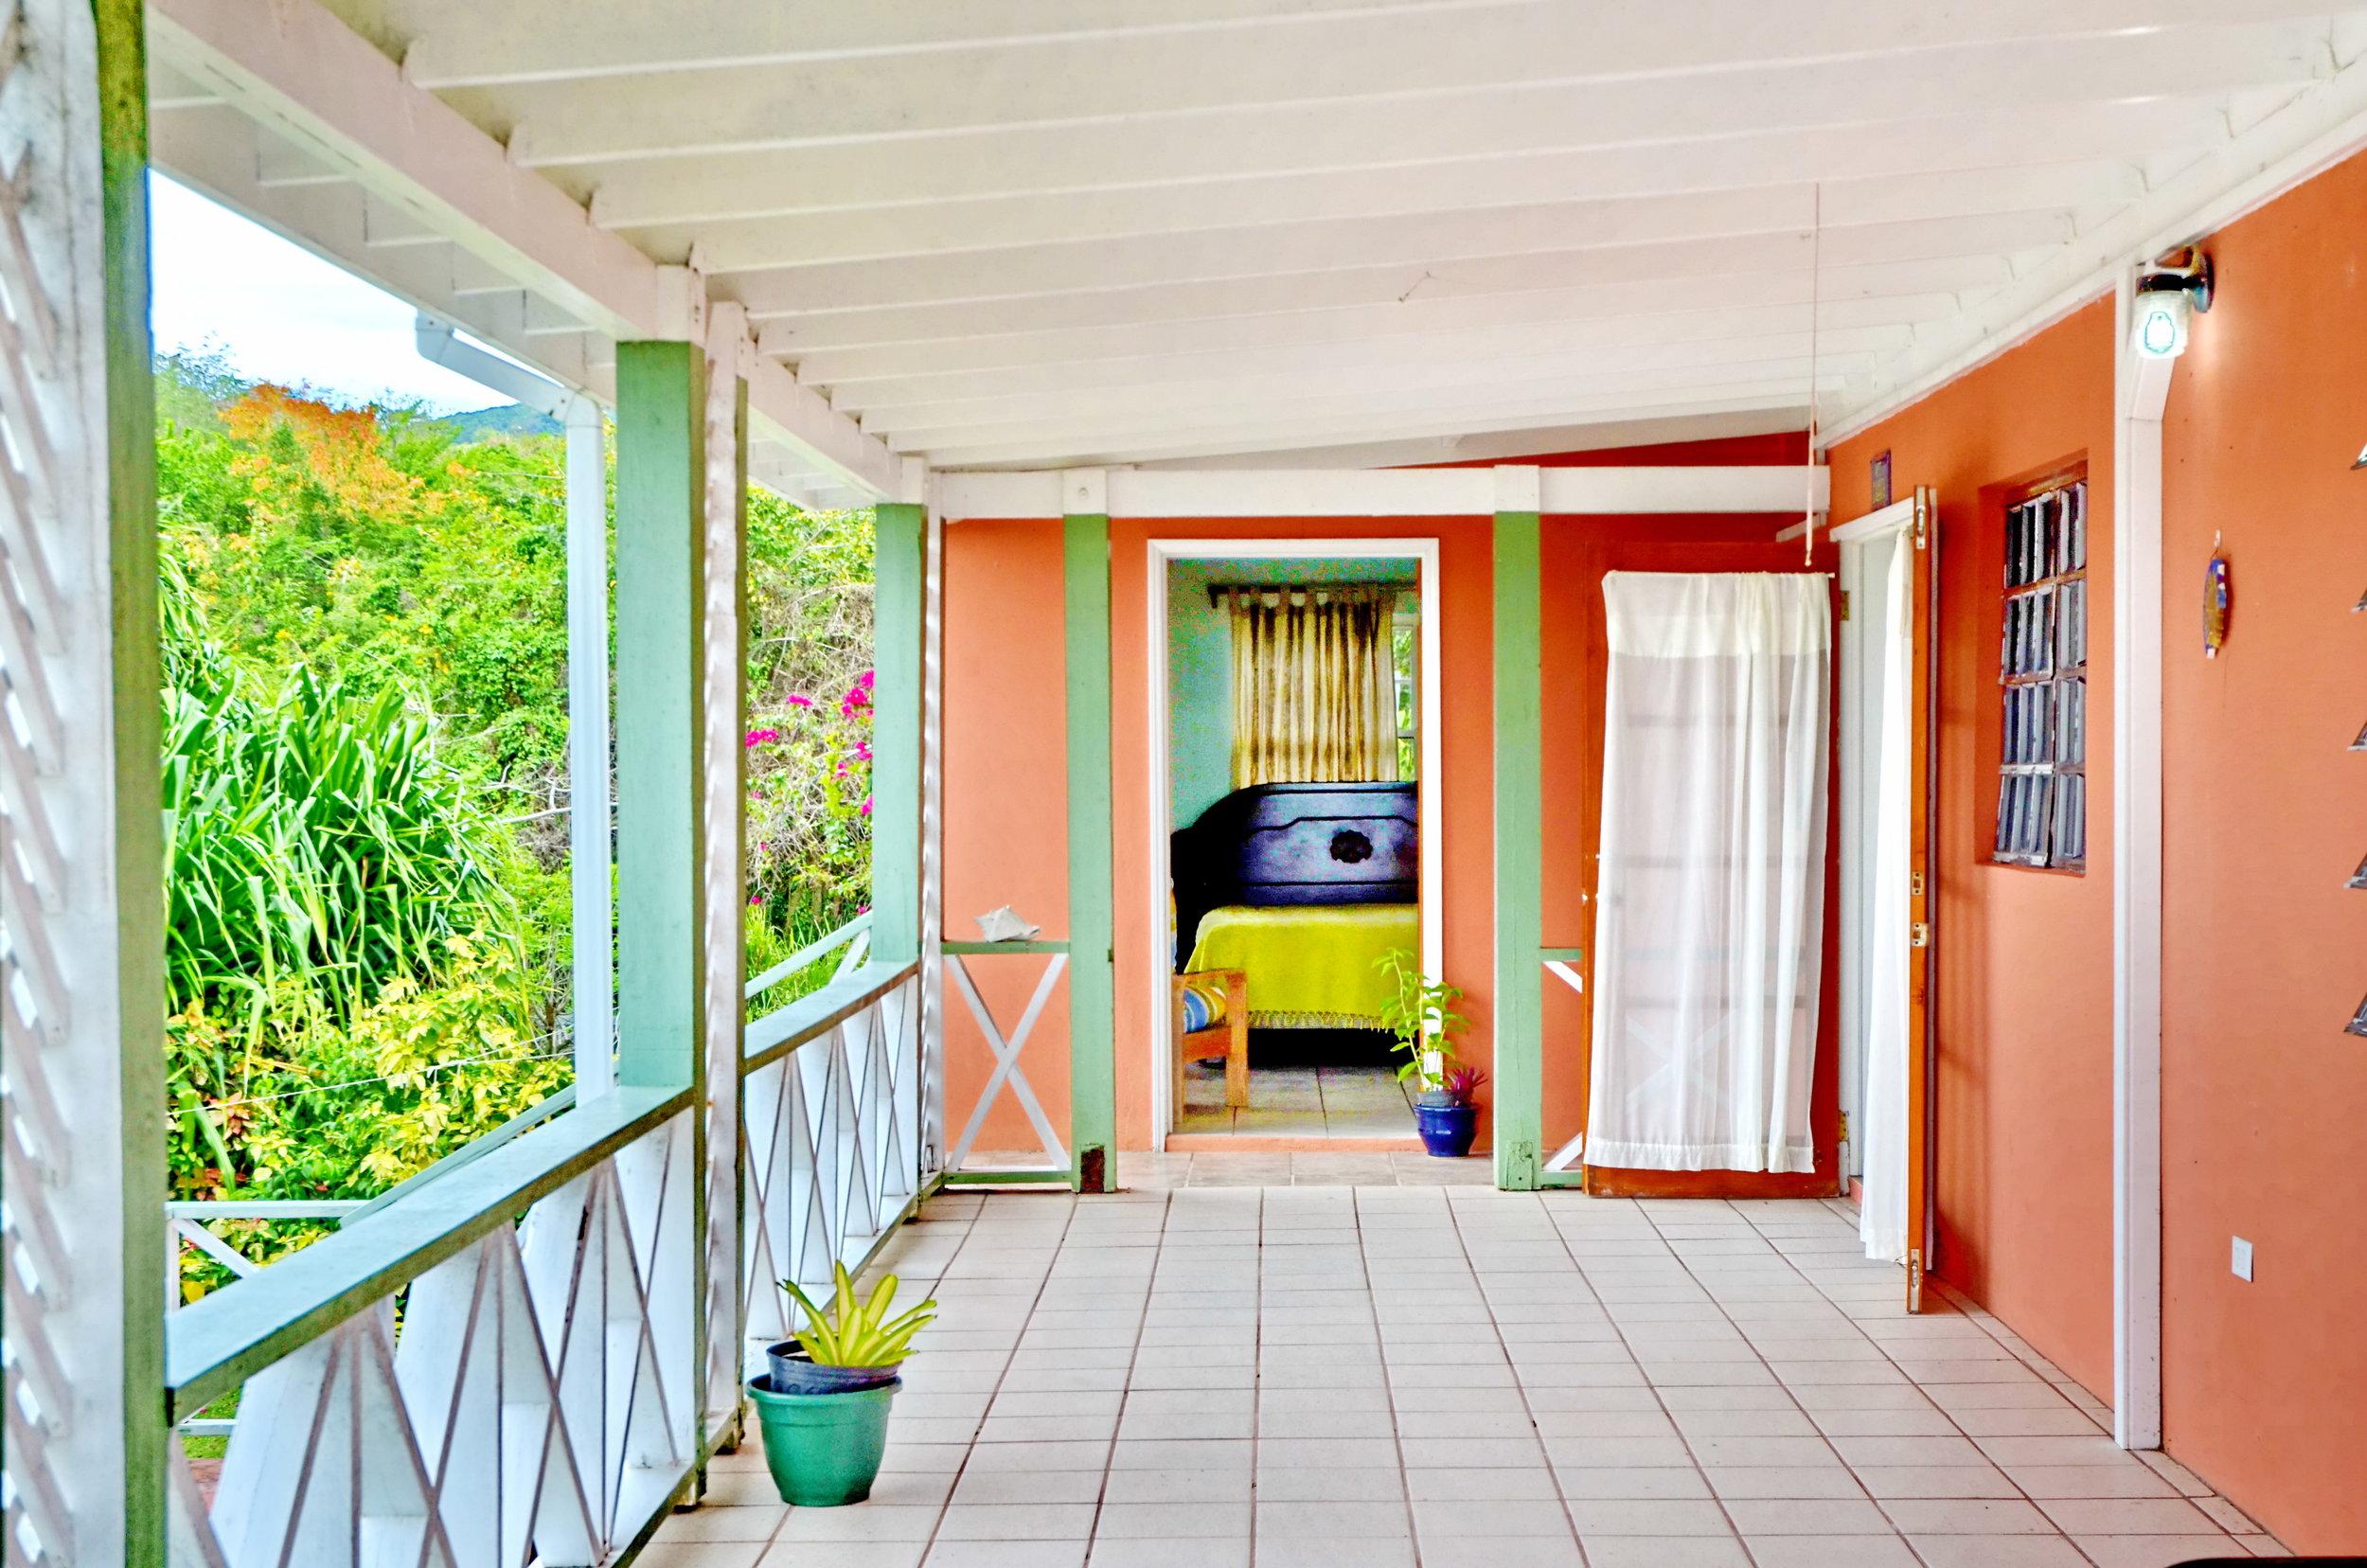 cassia verandah _ view of bedroom2.JPG